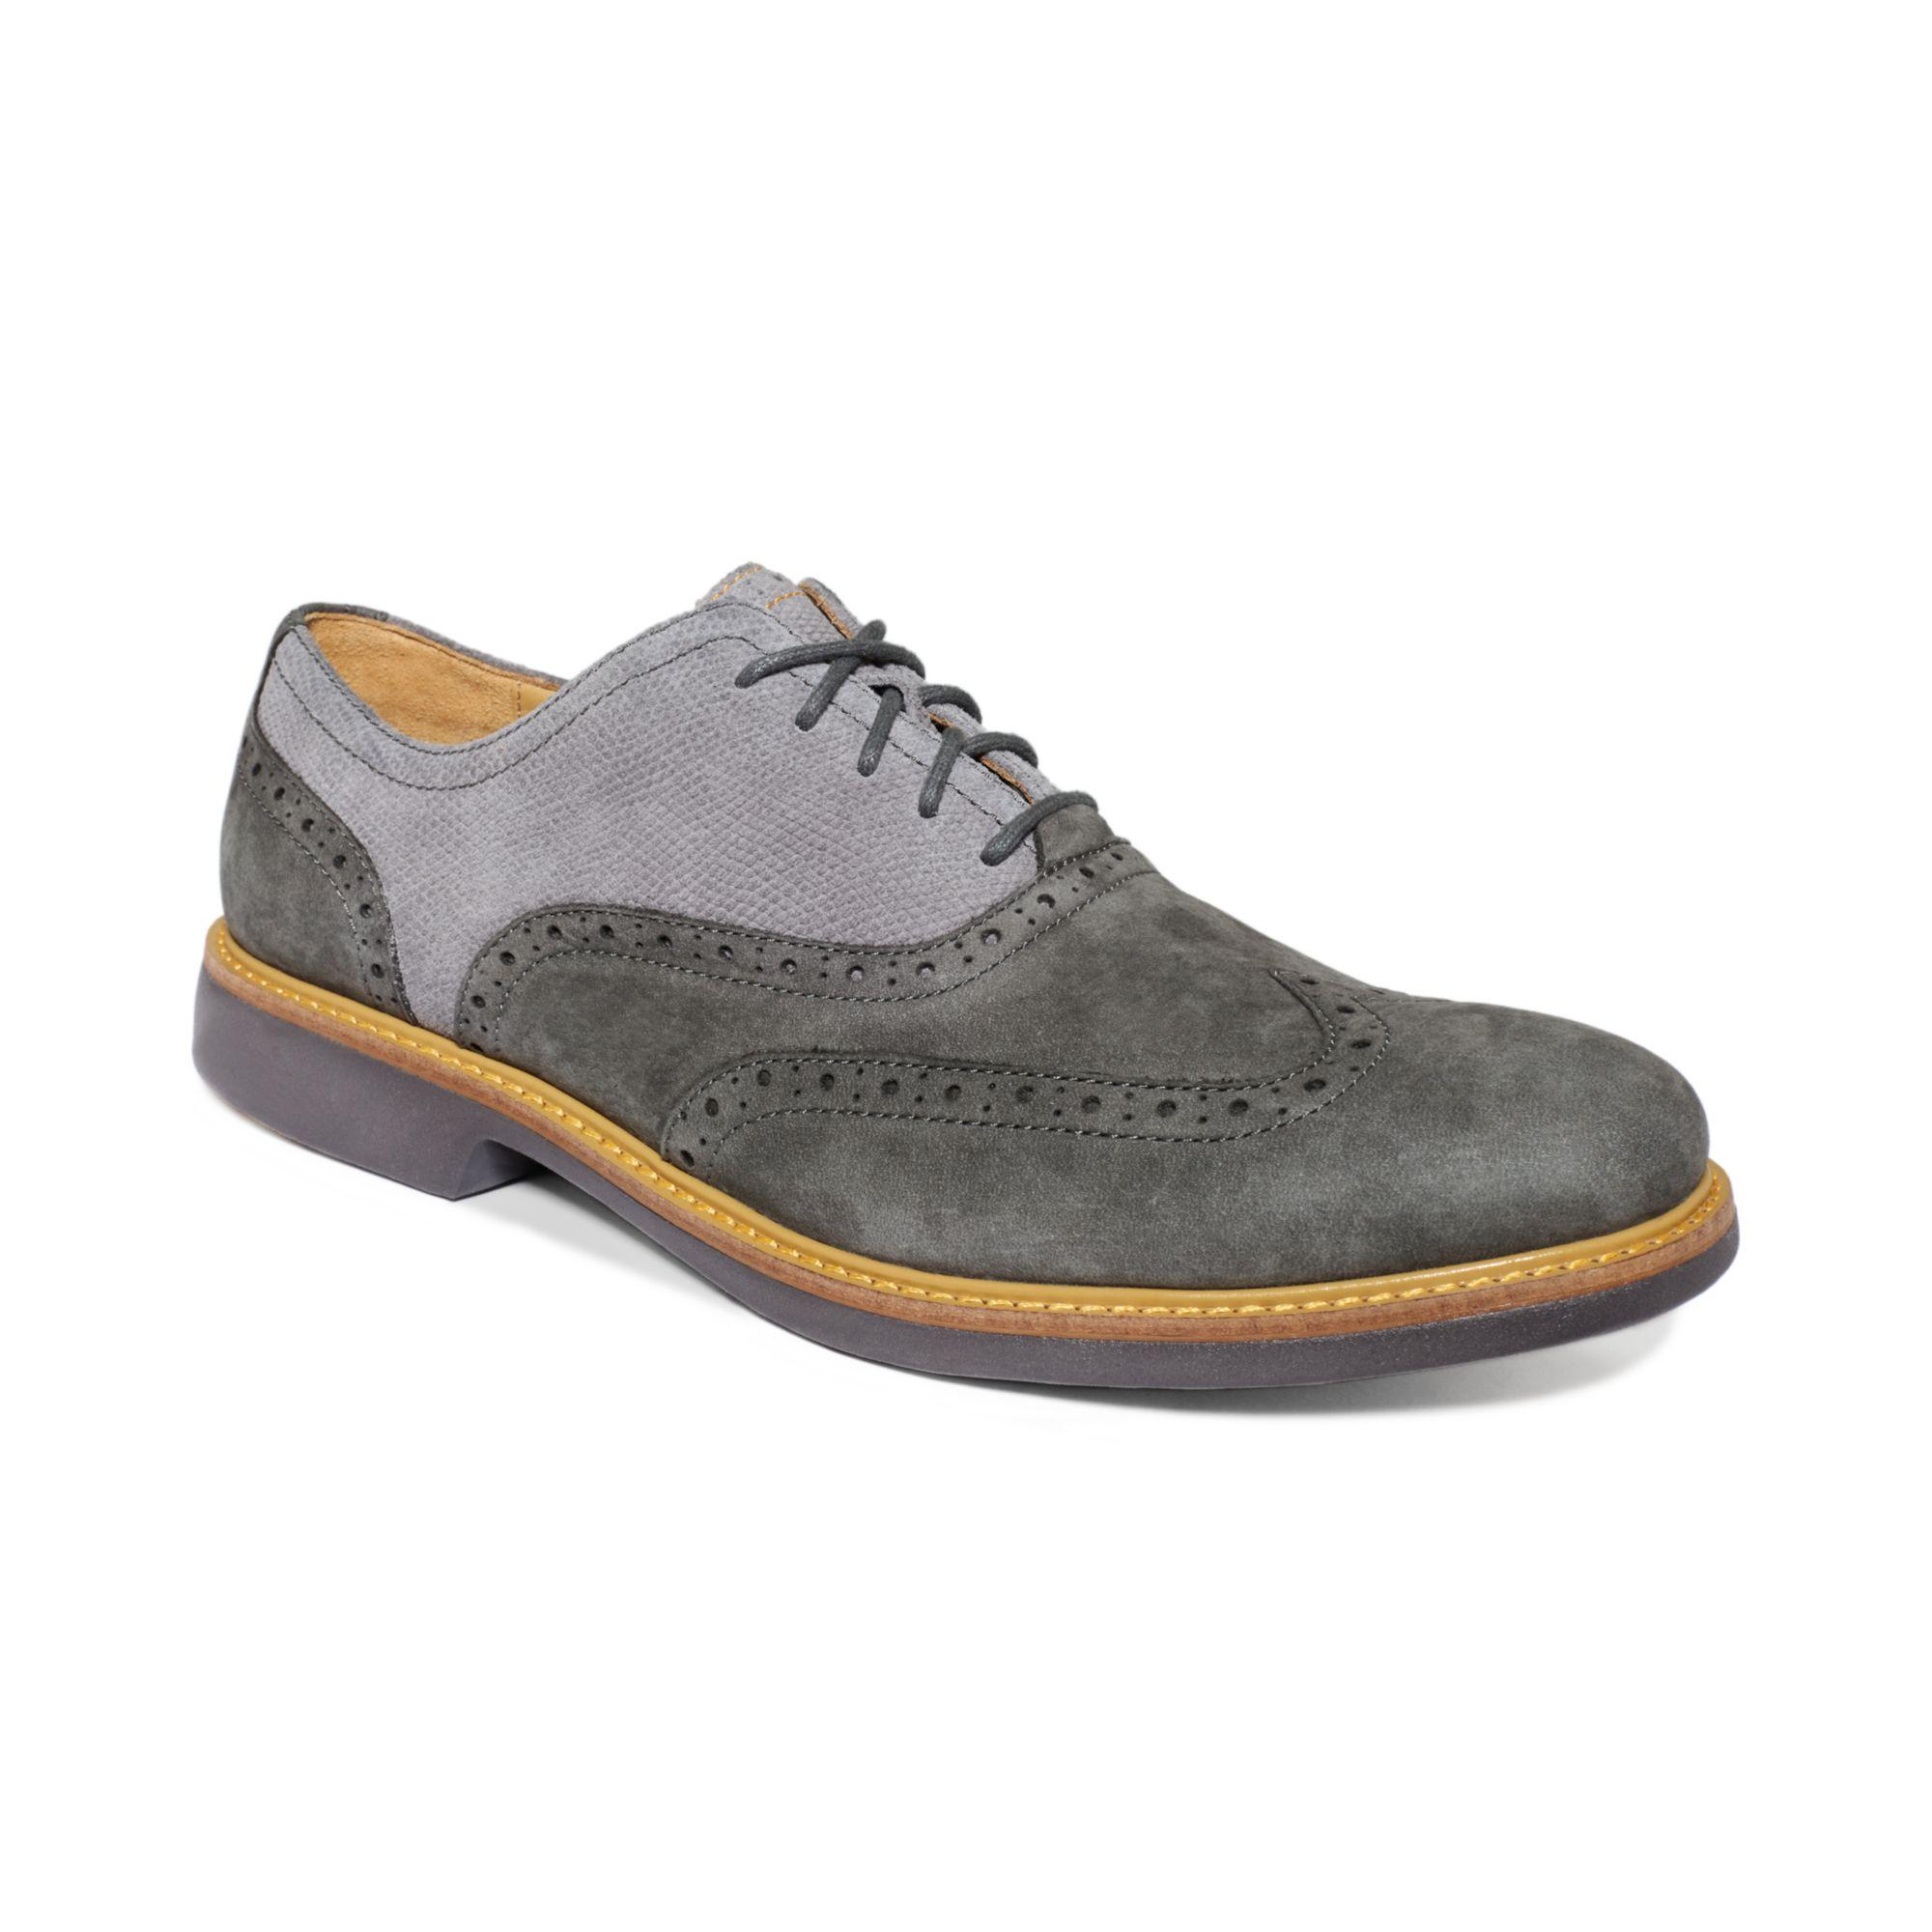 Cole Haan Great Jones Wingtip Shoes In Gray For Men (Dark